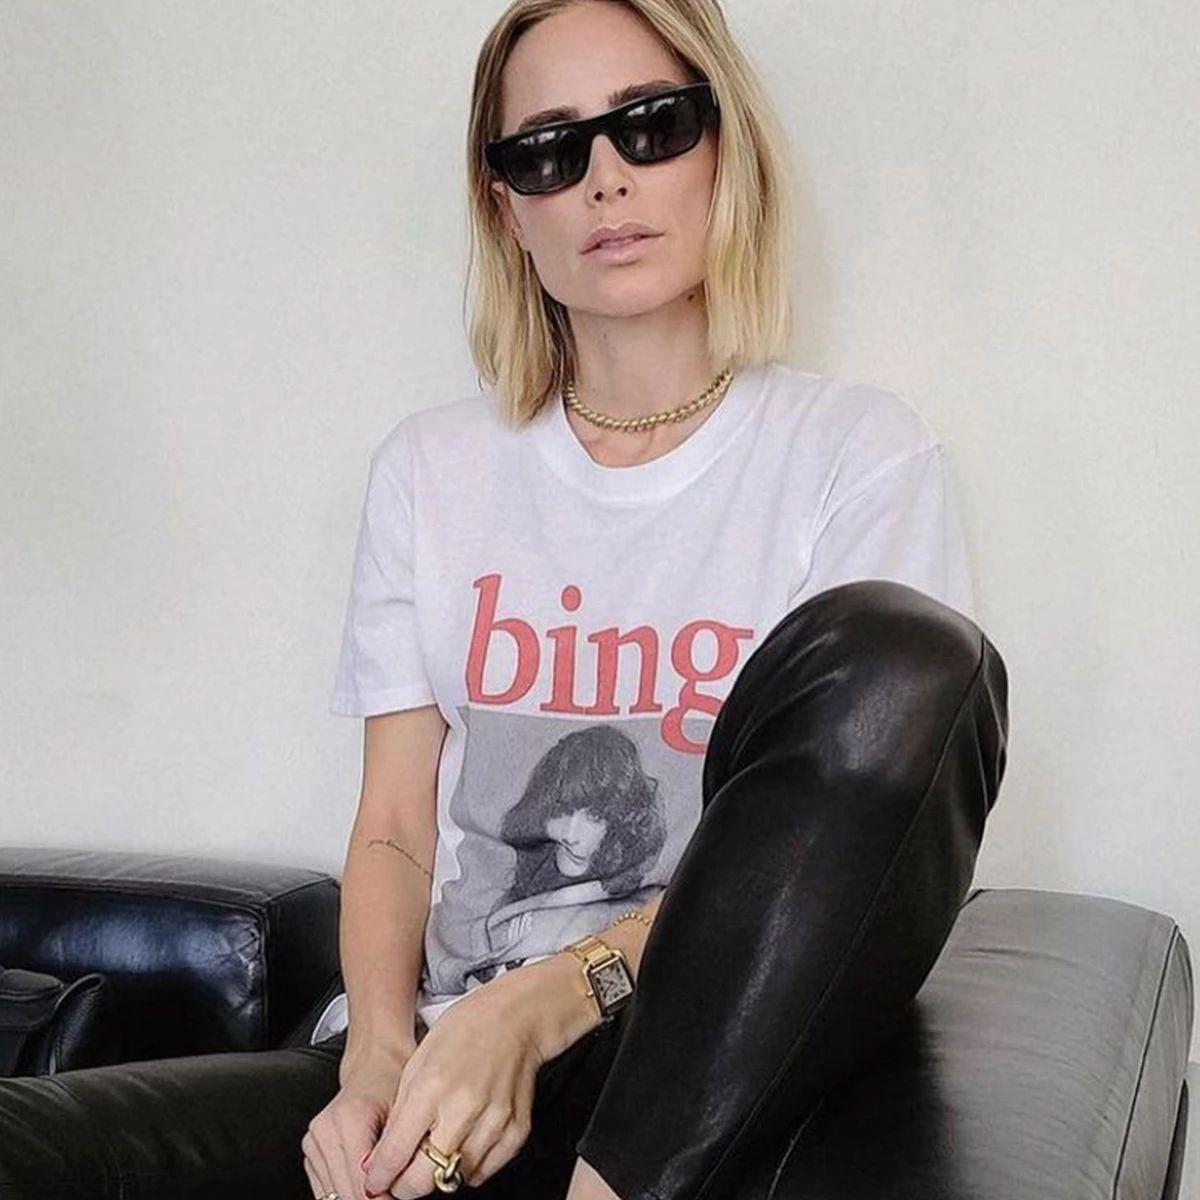 Imagem clássica retro camiseta mulher verão manga curta em torno do pescoço de algodão cozy tshirts camisetas casuais do vintage topos 2021